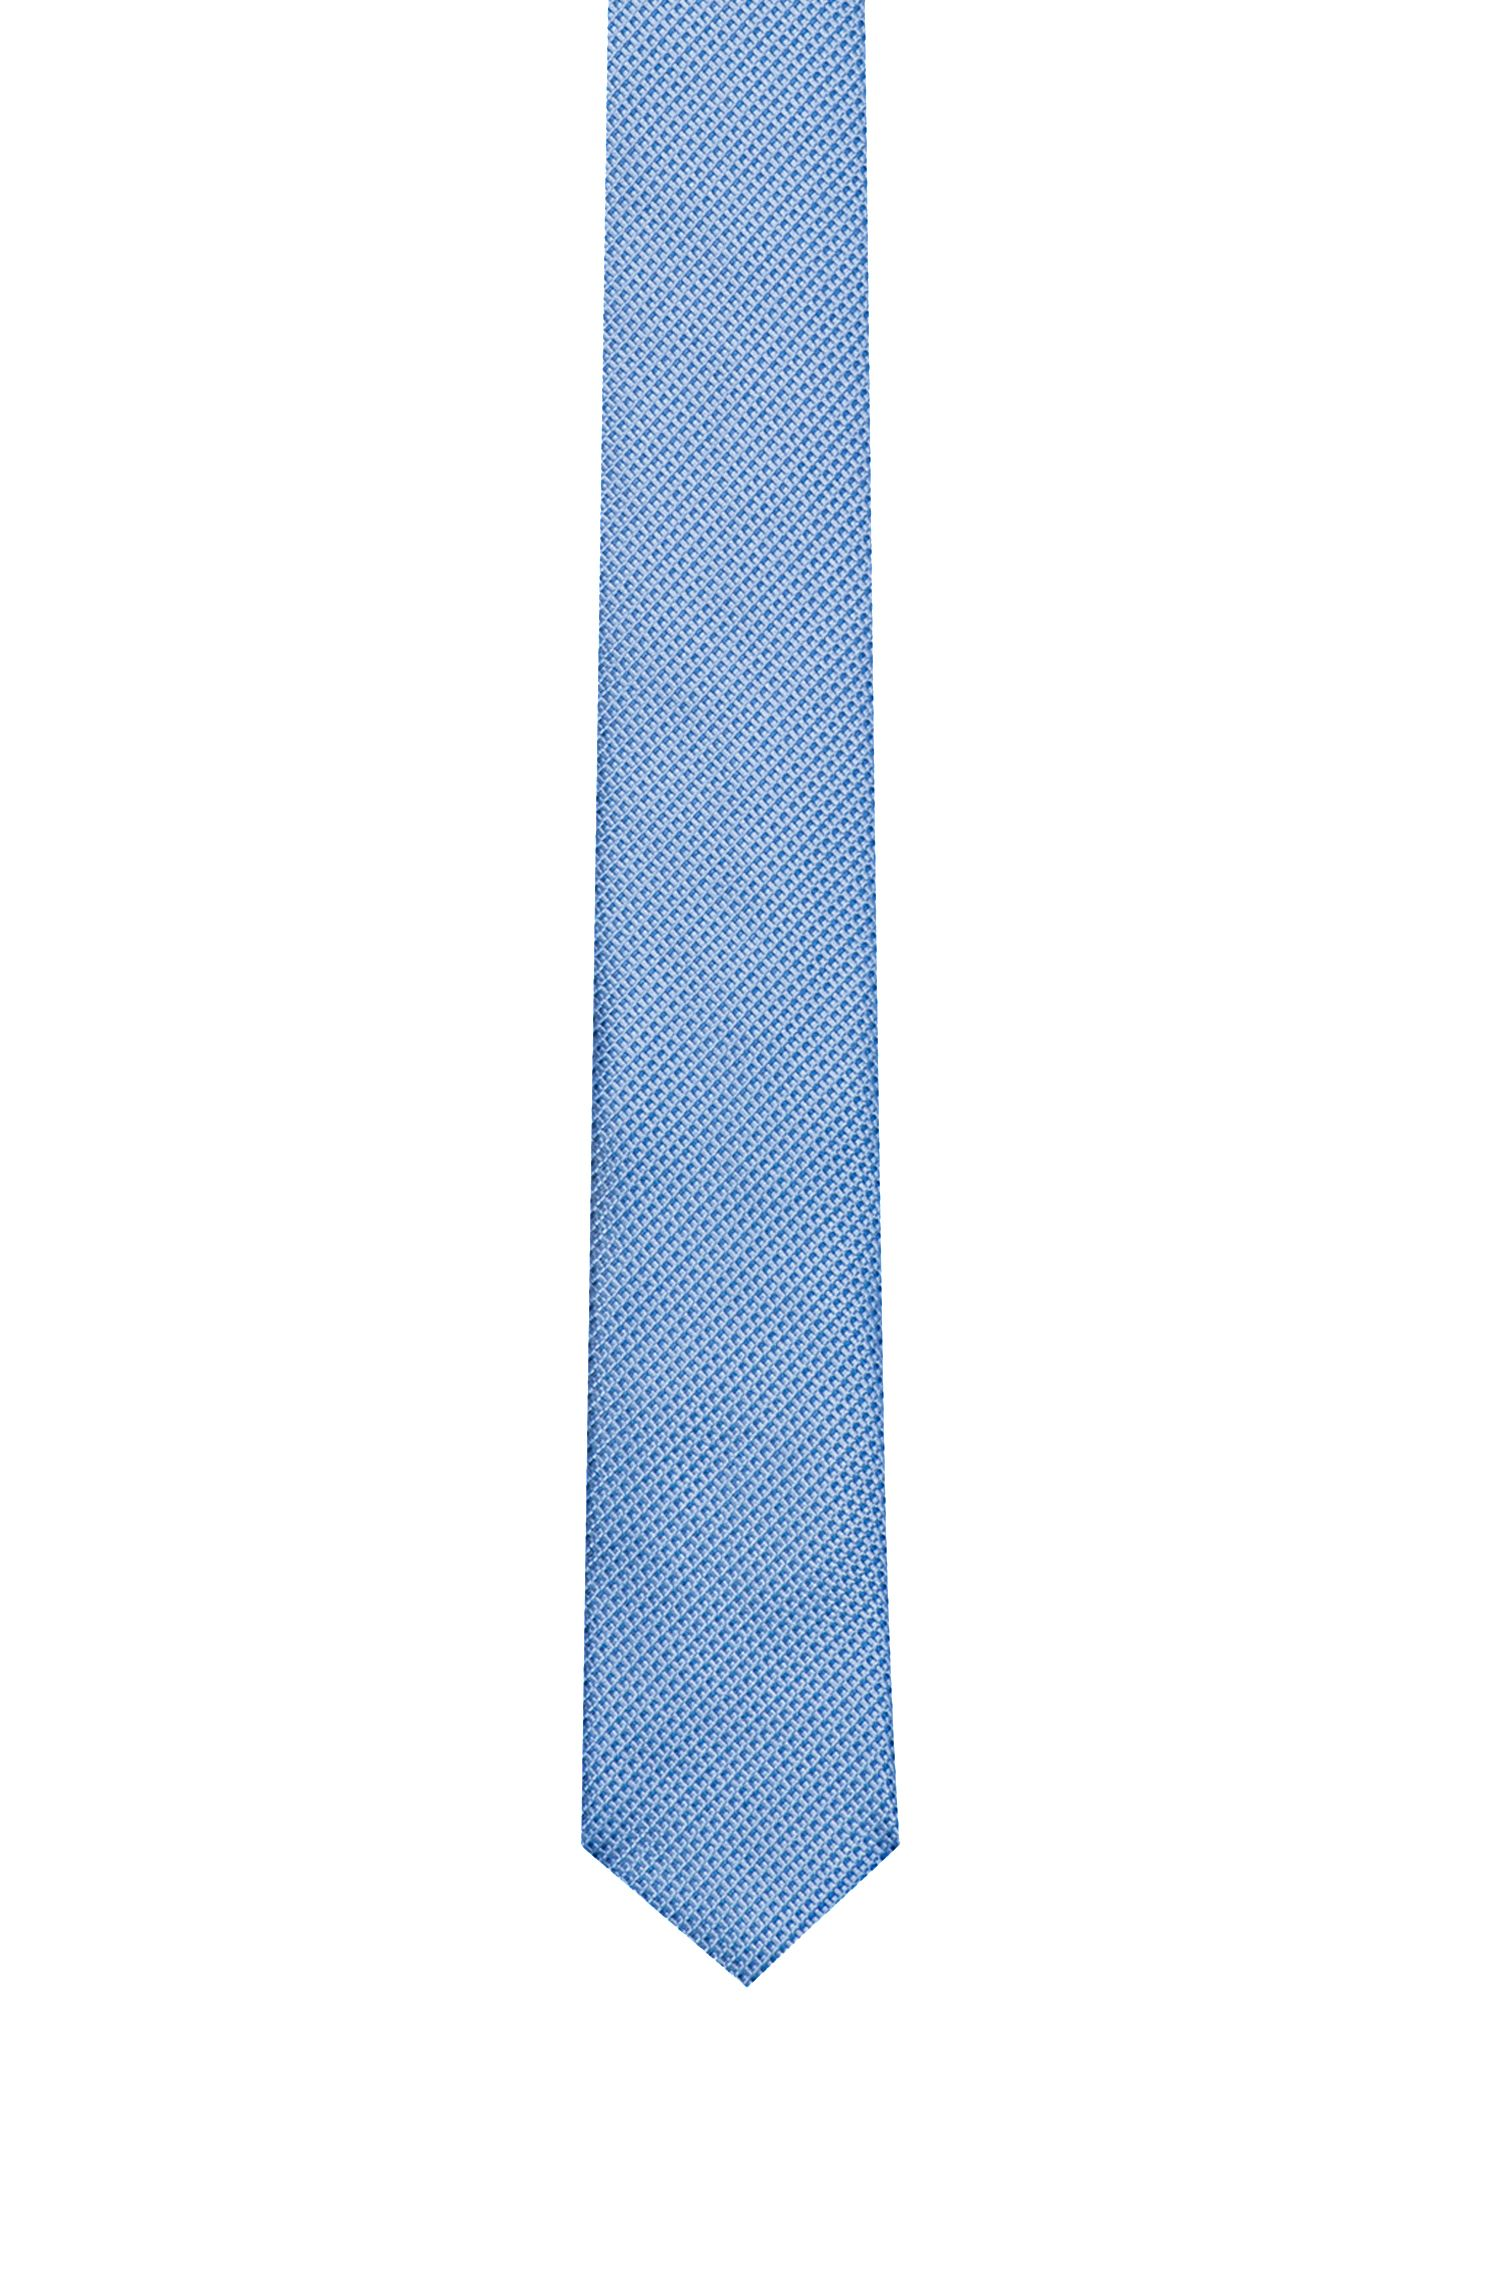 Moderne stropdas in een jacquard van zijde met microdessin